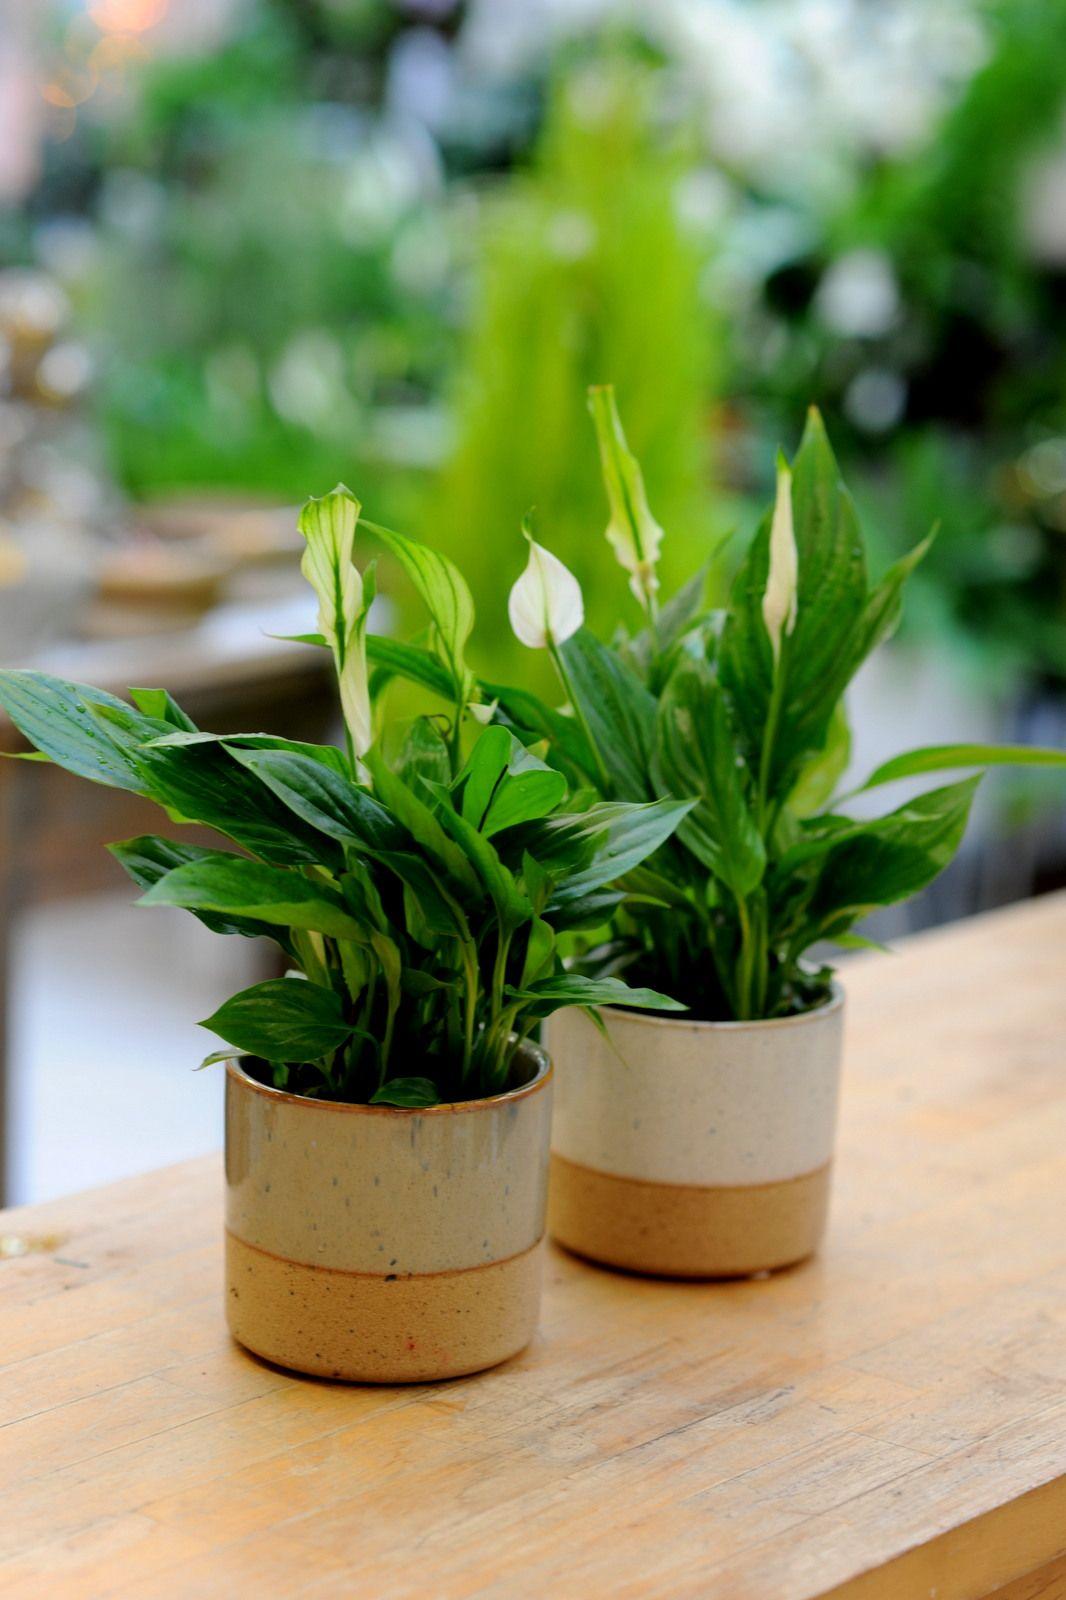 Kwiaty Nasa Ogrod Lobzow Plants Herbs Houseplants